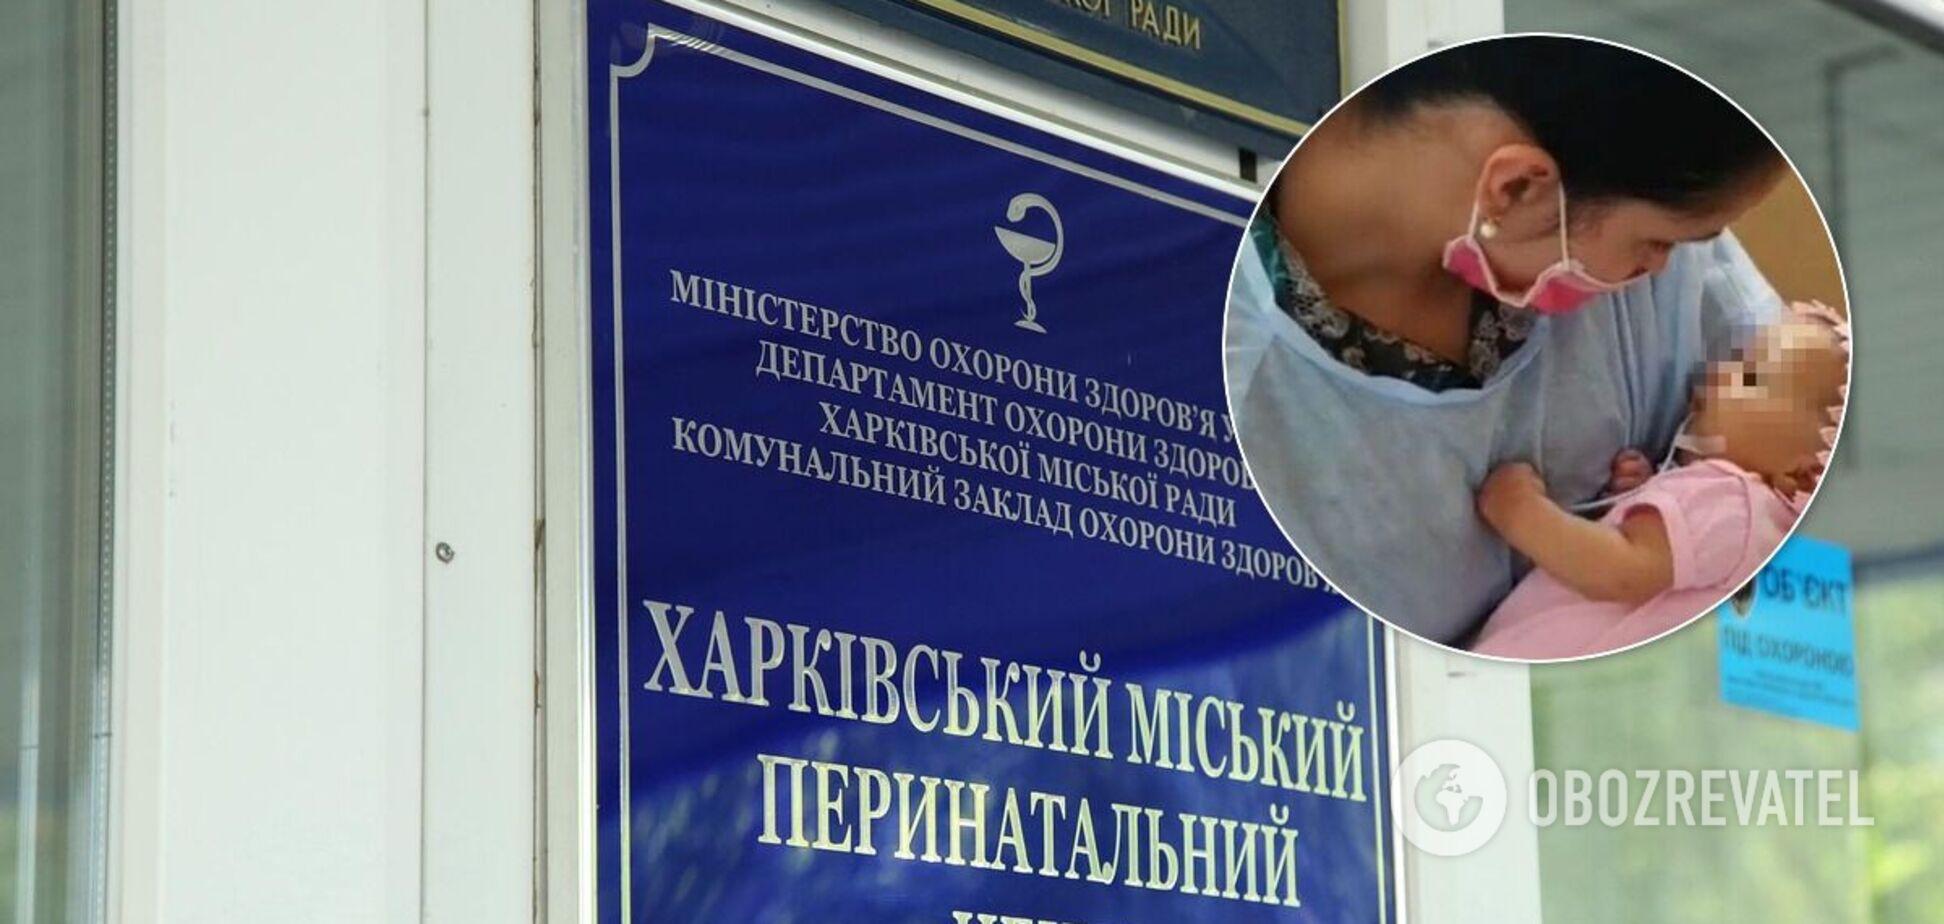 Харьковчане обвинили врачей в том, что их ребенка покалечили